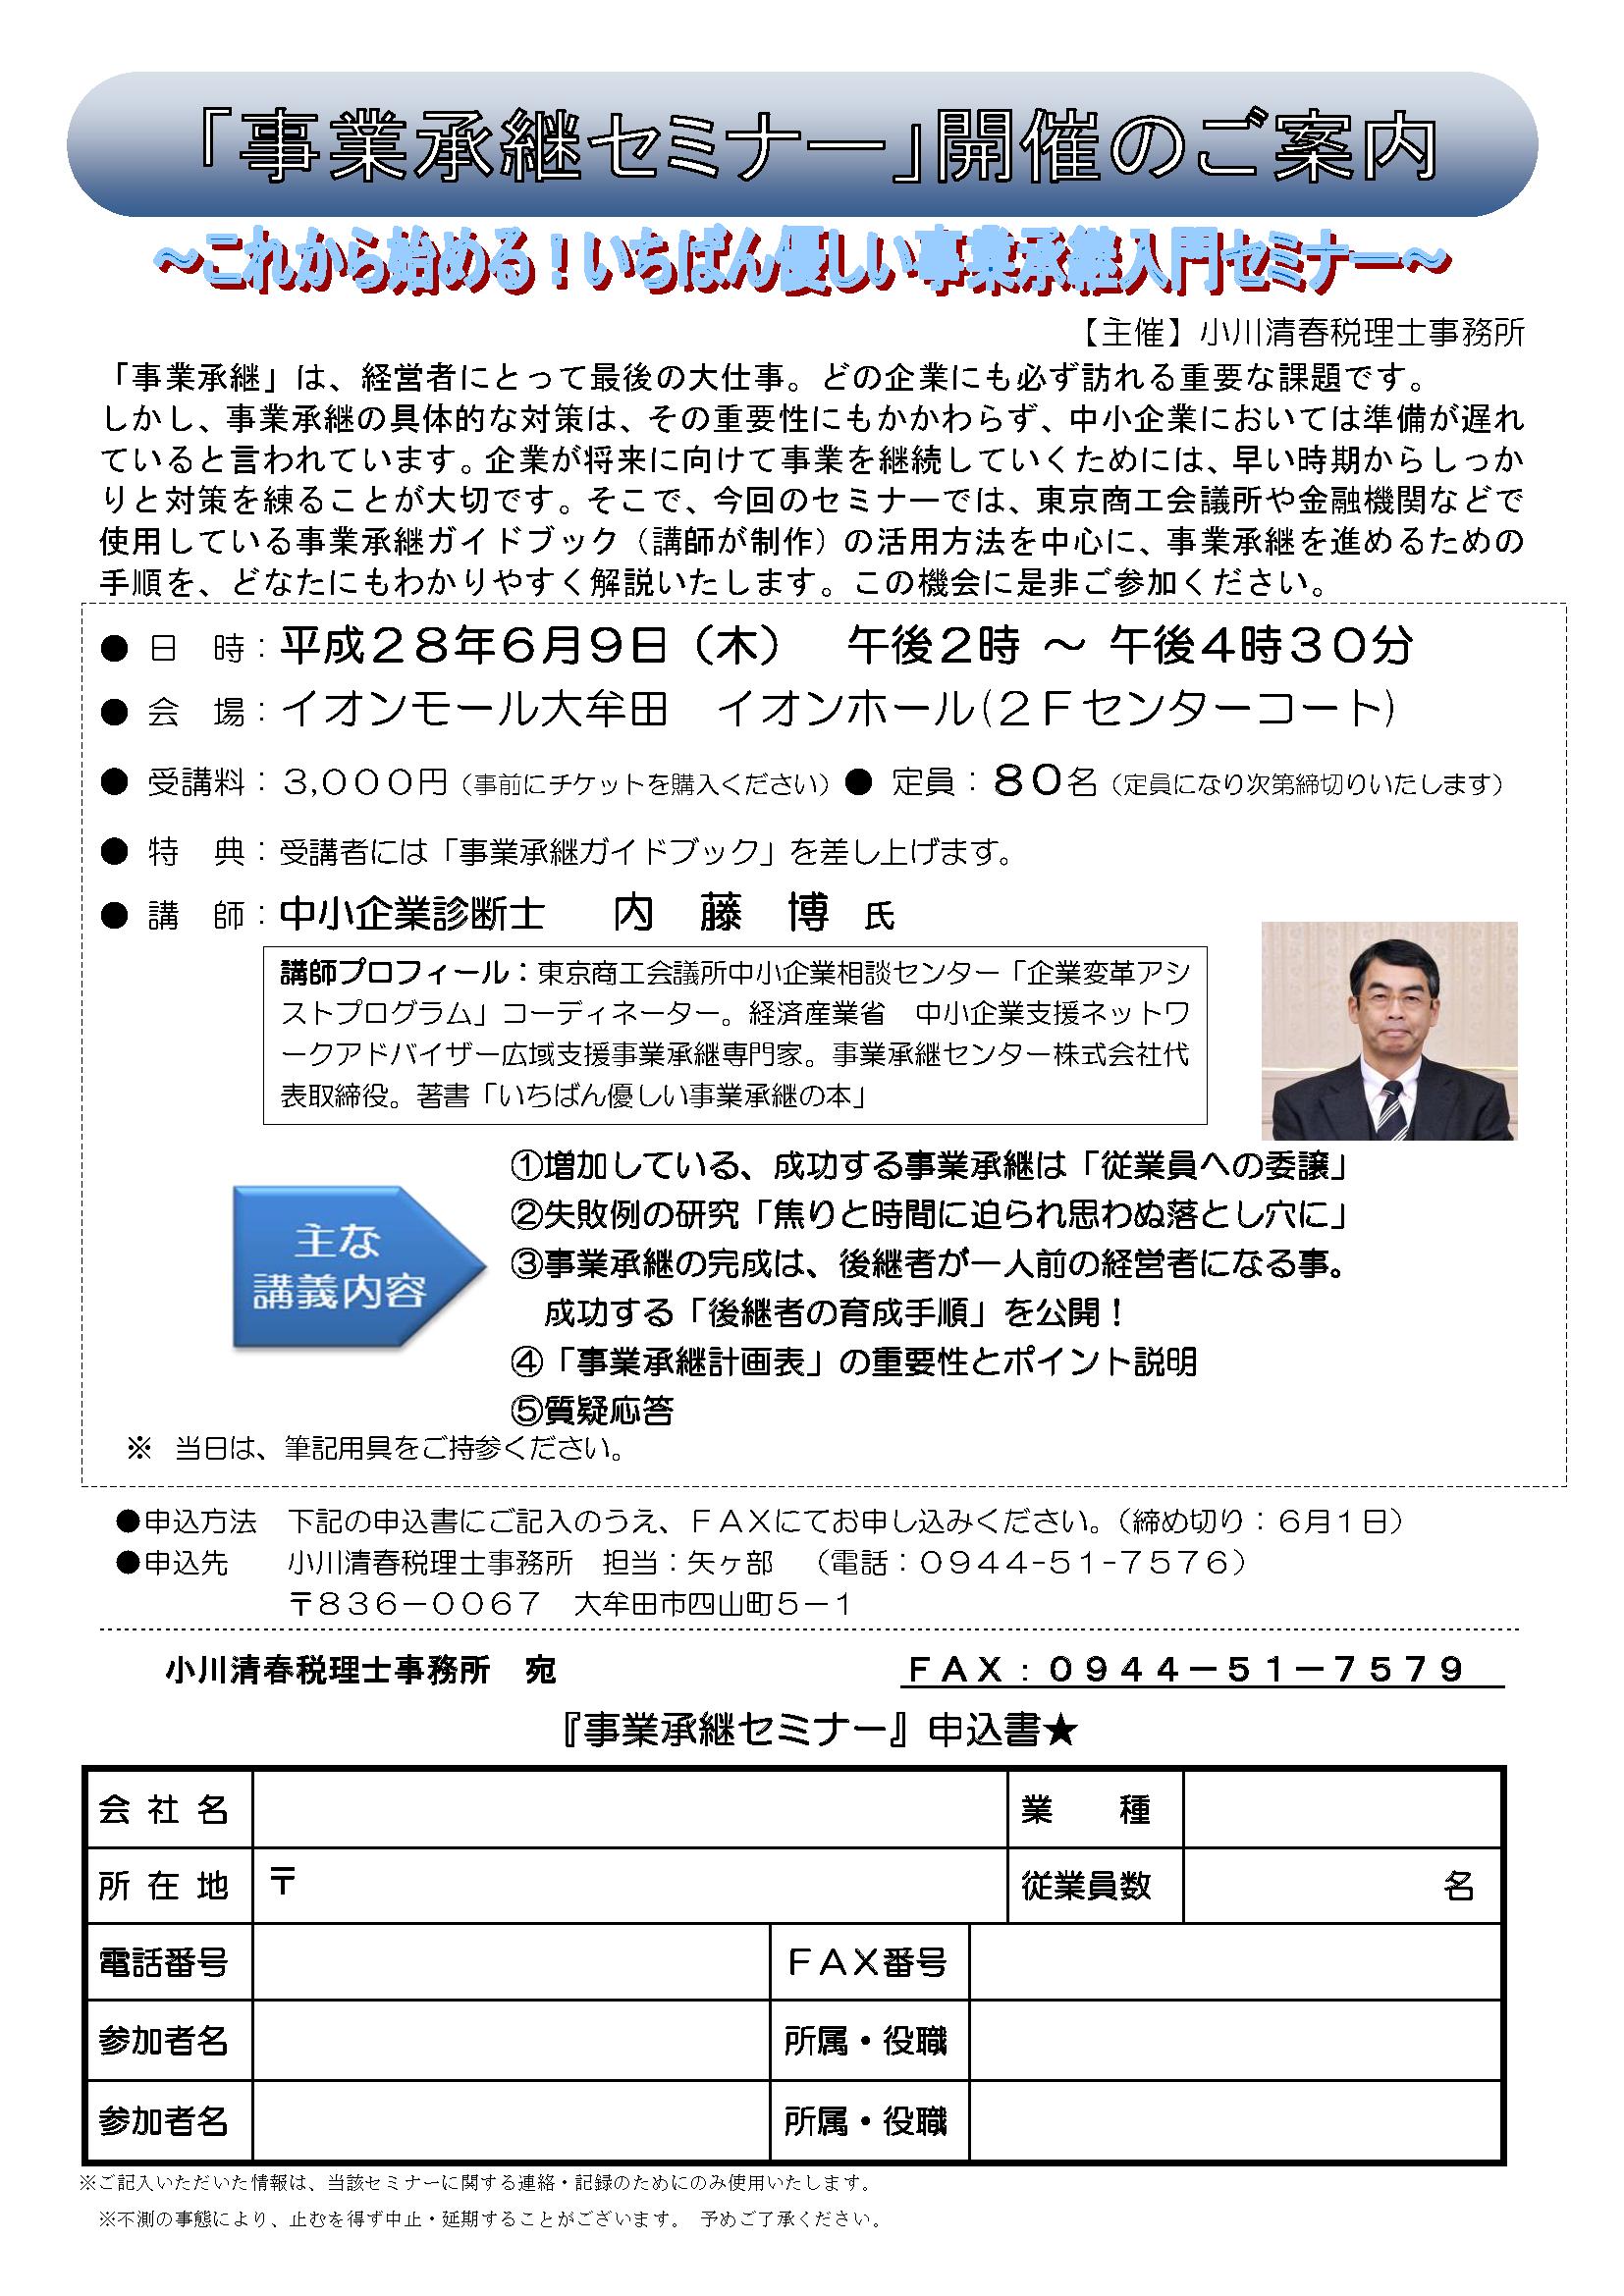 大牟田セミナー20160609